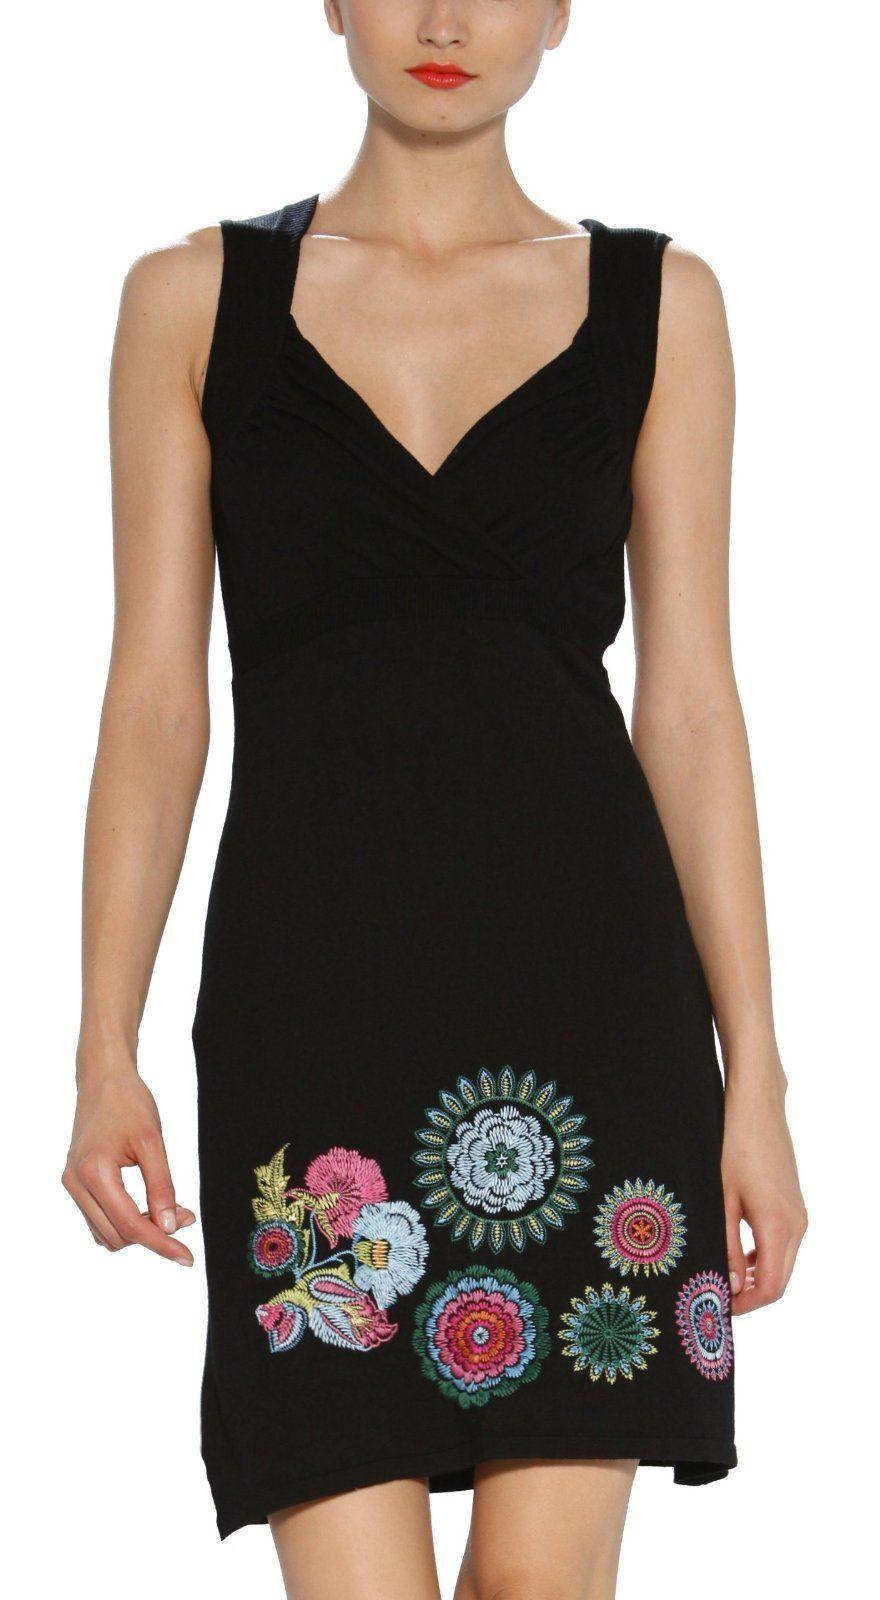 zahlreich in der Vielfalt heißer verkauf authentisch Waren des täglichen Bedarfs Desigual Women's Embroidered Black Dress 31j2179:Amazon ...